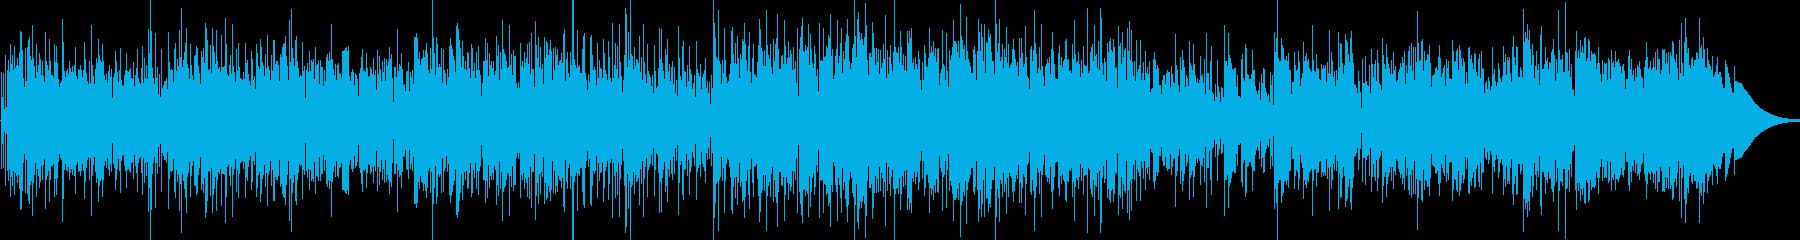 天気予報などのBGMにぴったりのボサノバの再生済みの波形